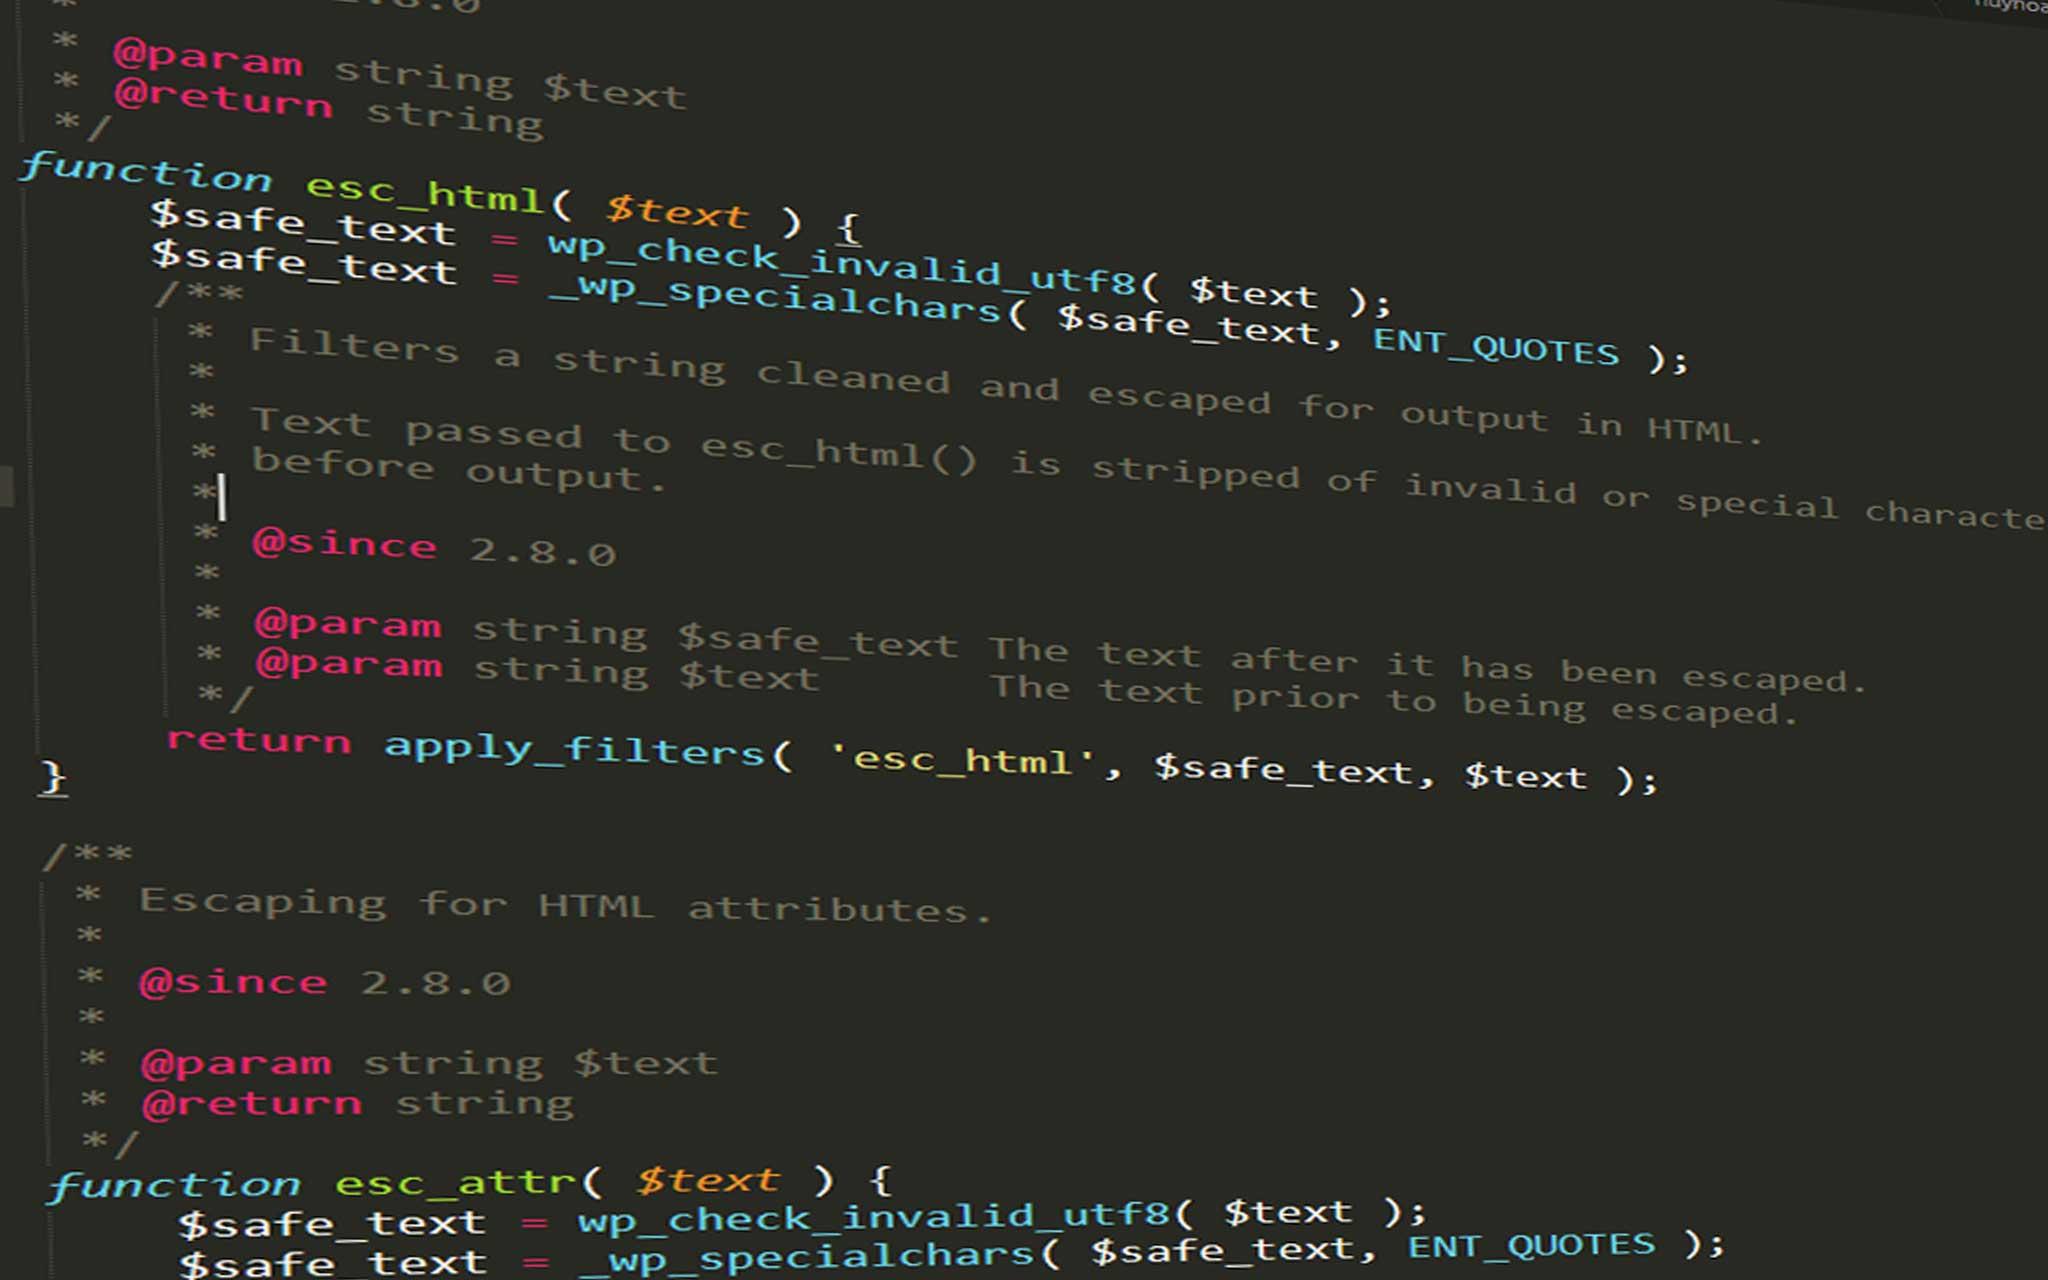 Hướng dẫn sử dụng hàm esc_html() trong WordPress